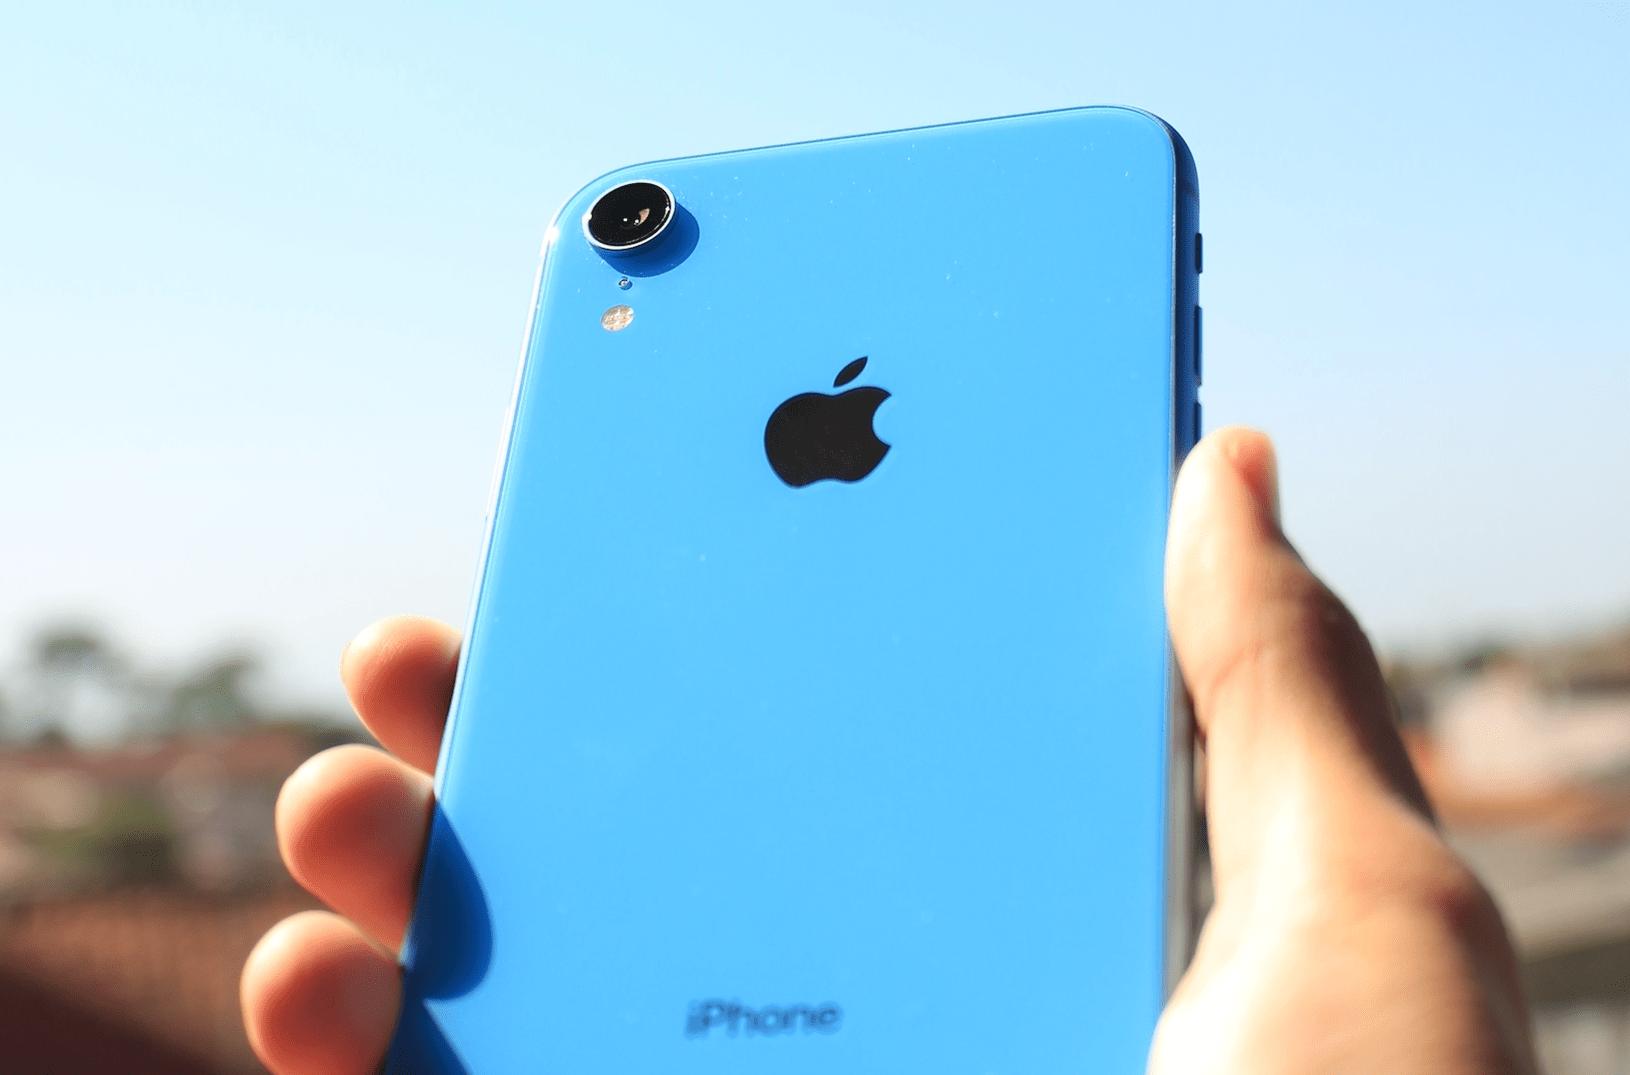 Solución: Wifi desconecta bloquea iPhone